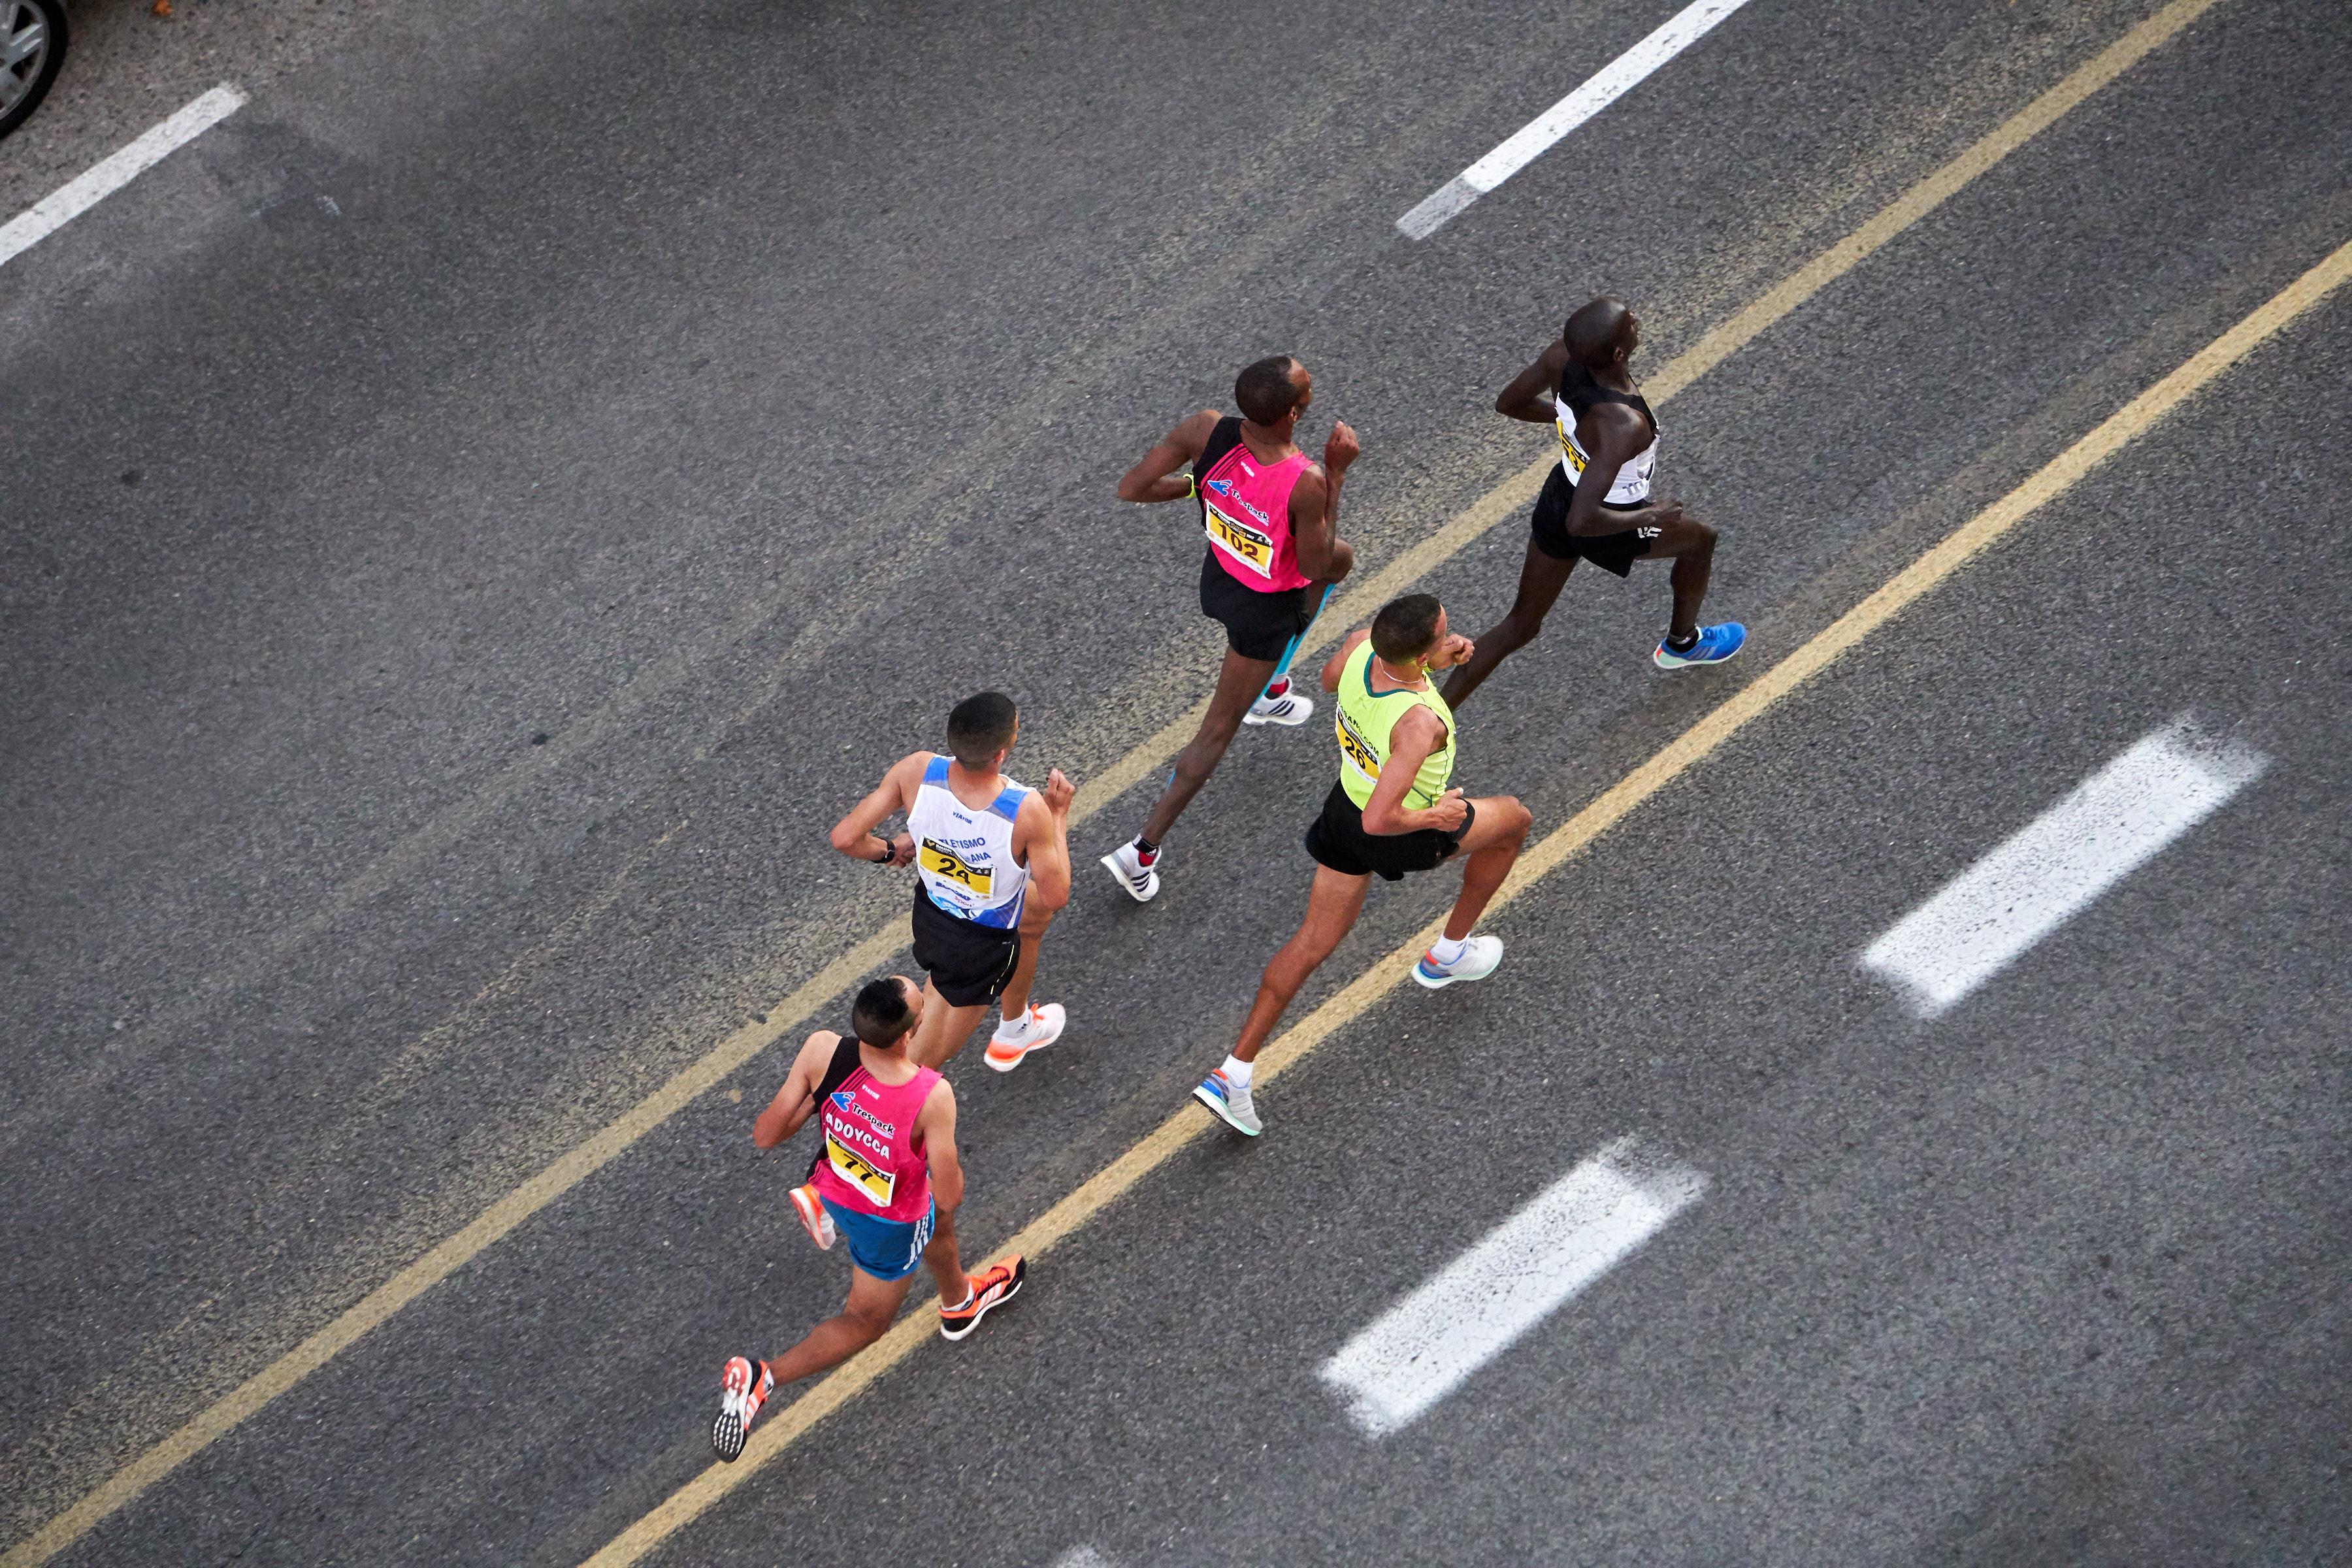 fast runners, fast shutter